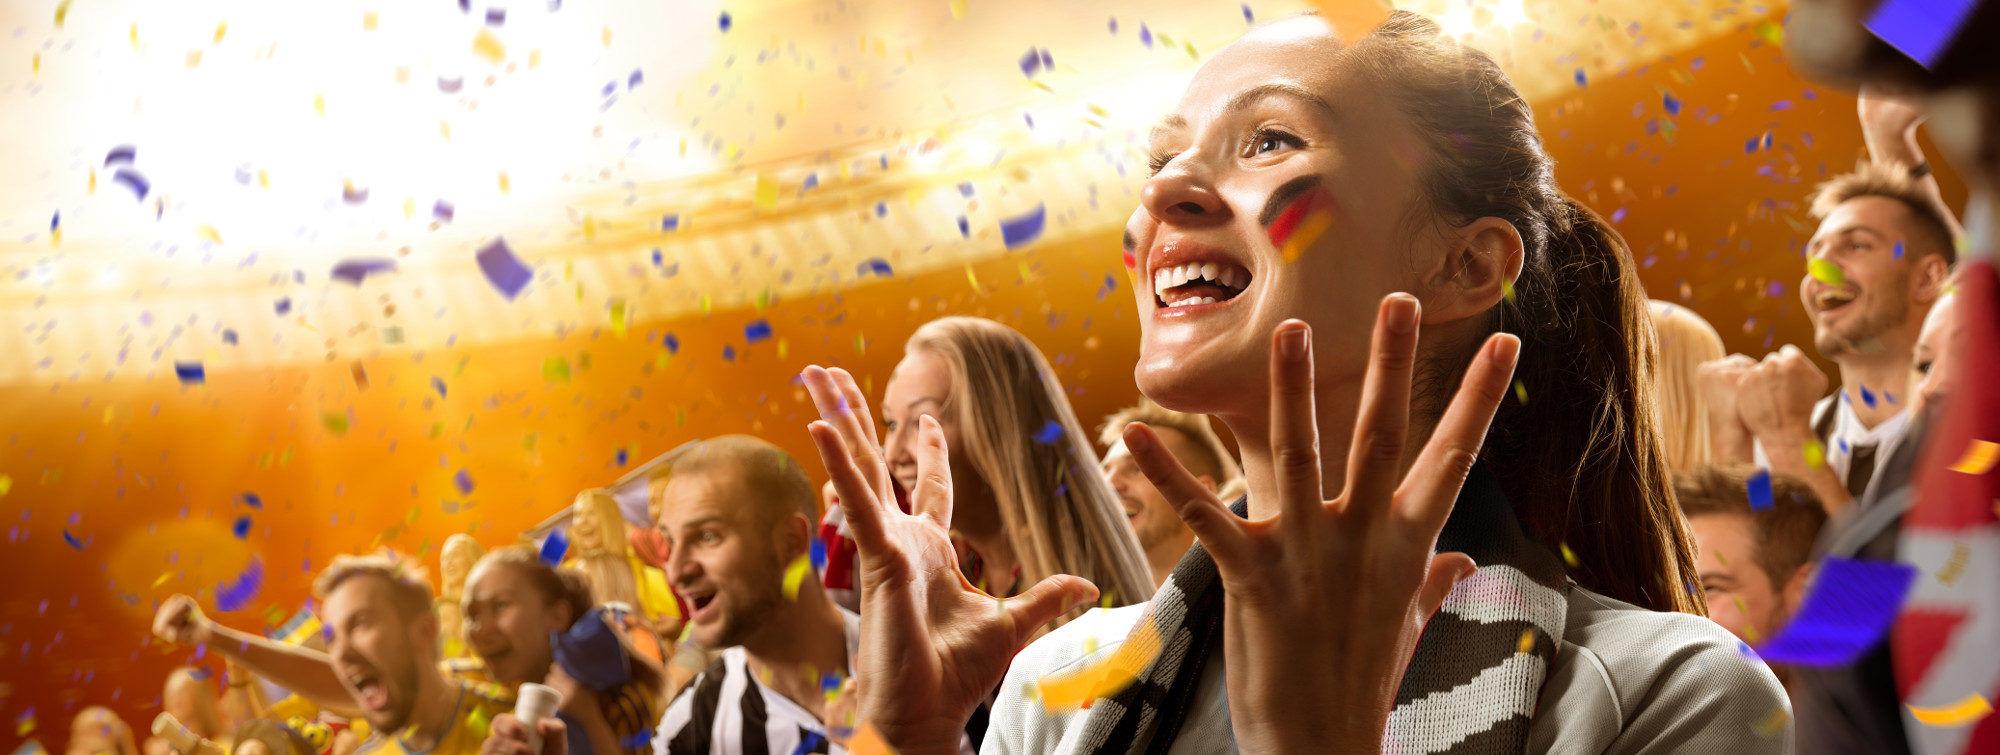 Ein individuelles Tippspiel zur Fußball-WM? Tippevent hat die Lösung